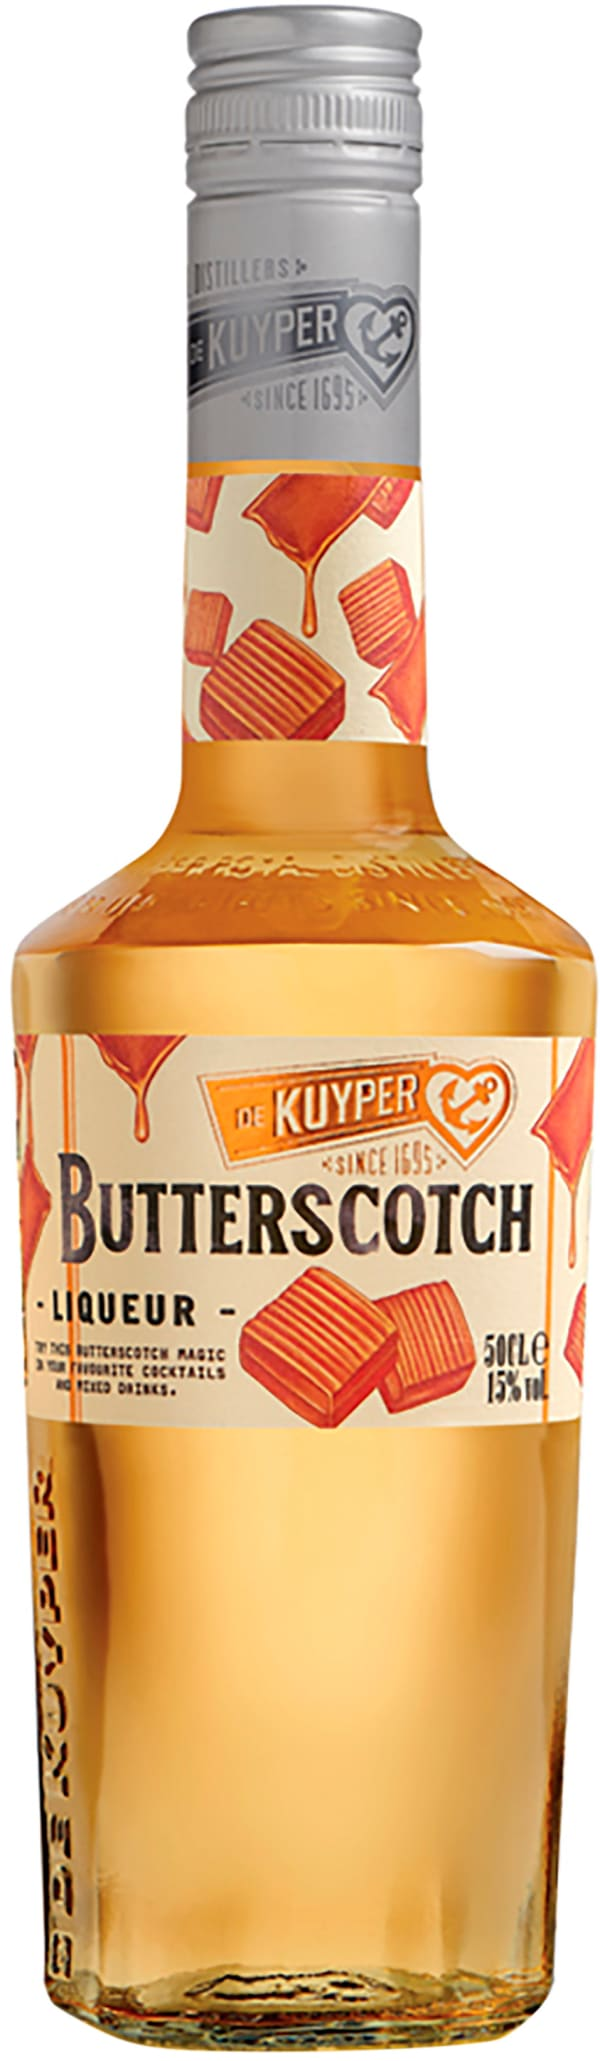 De Kuyper Butterscotch